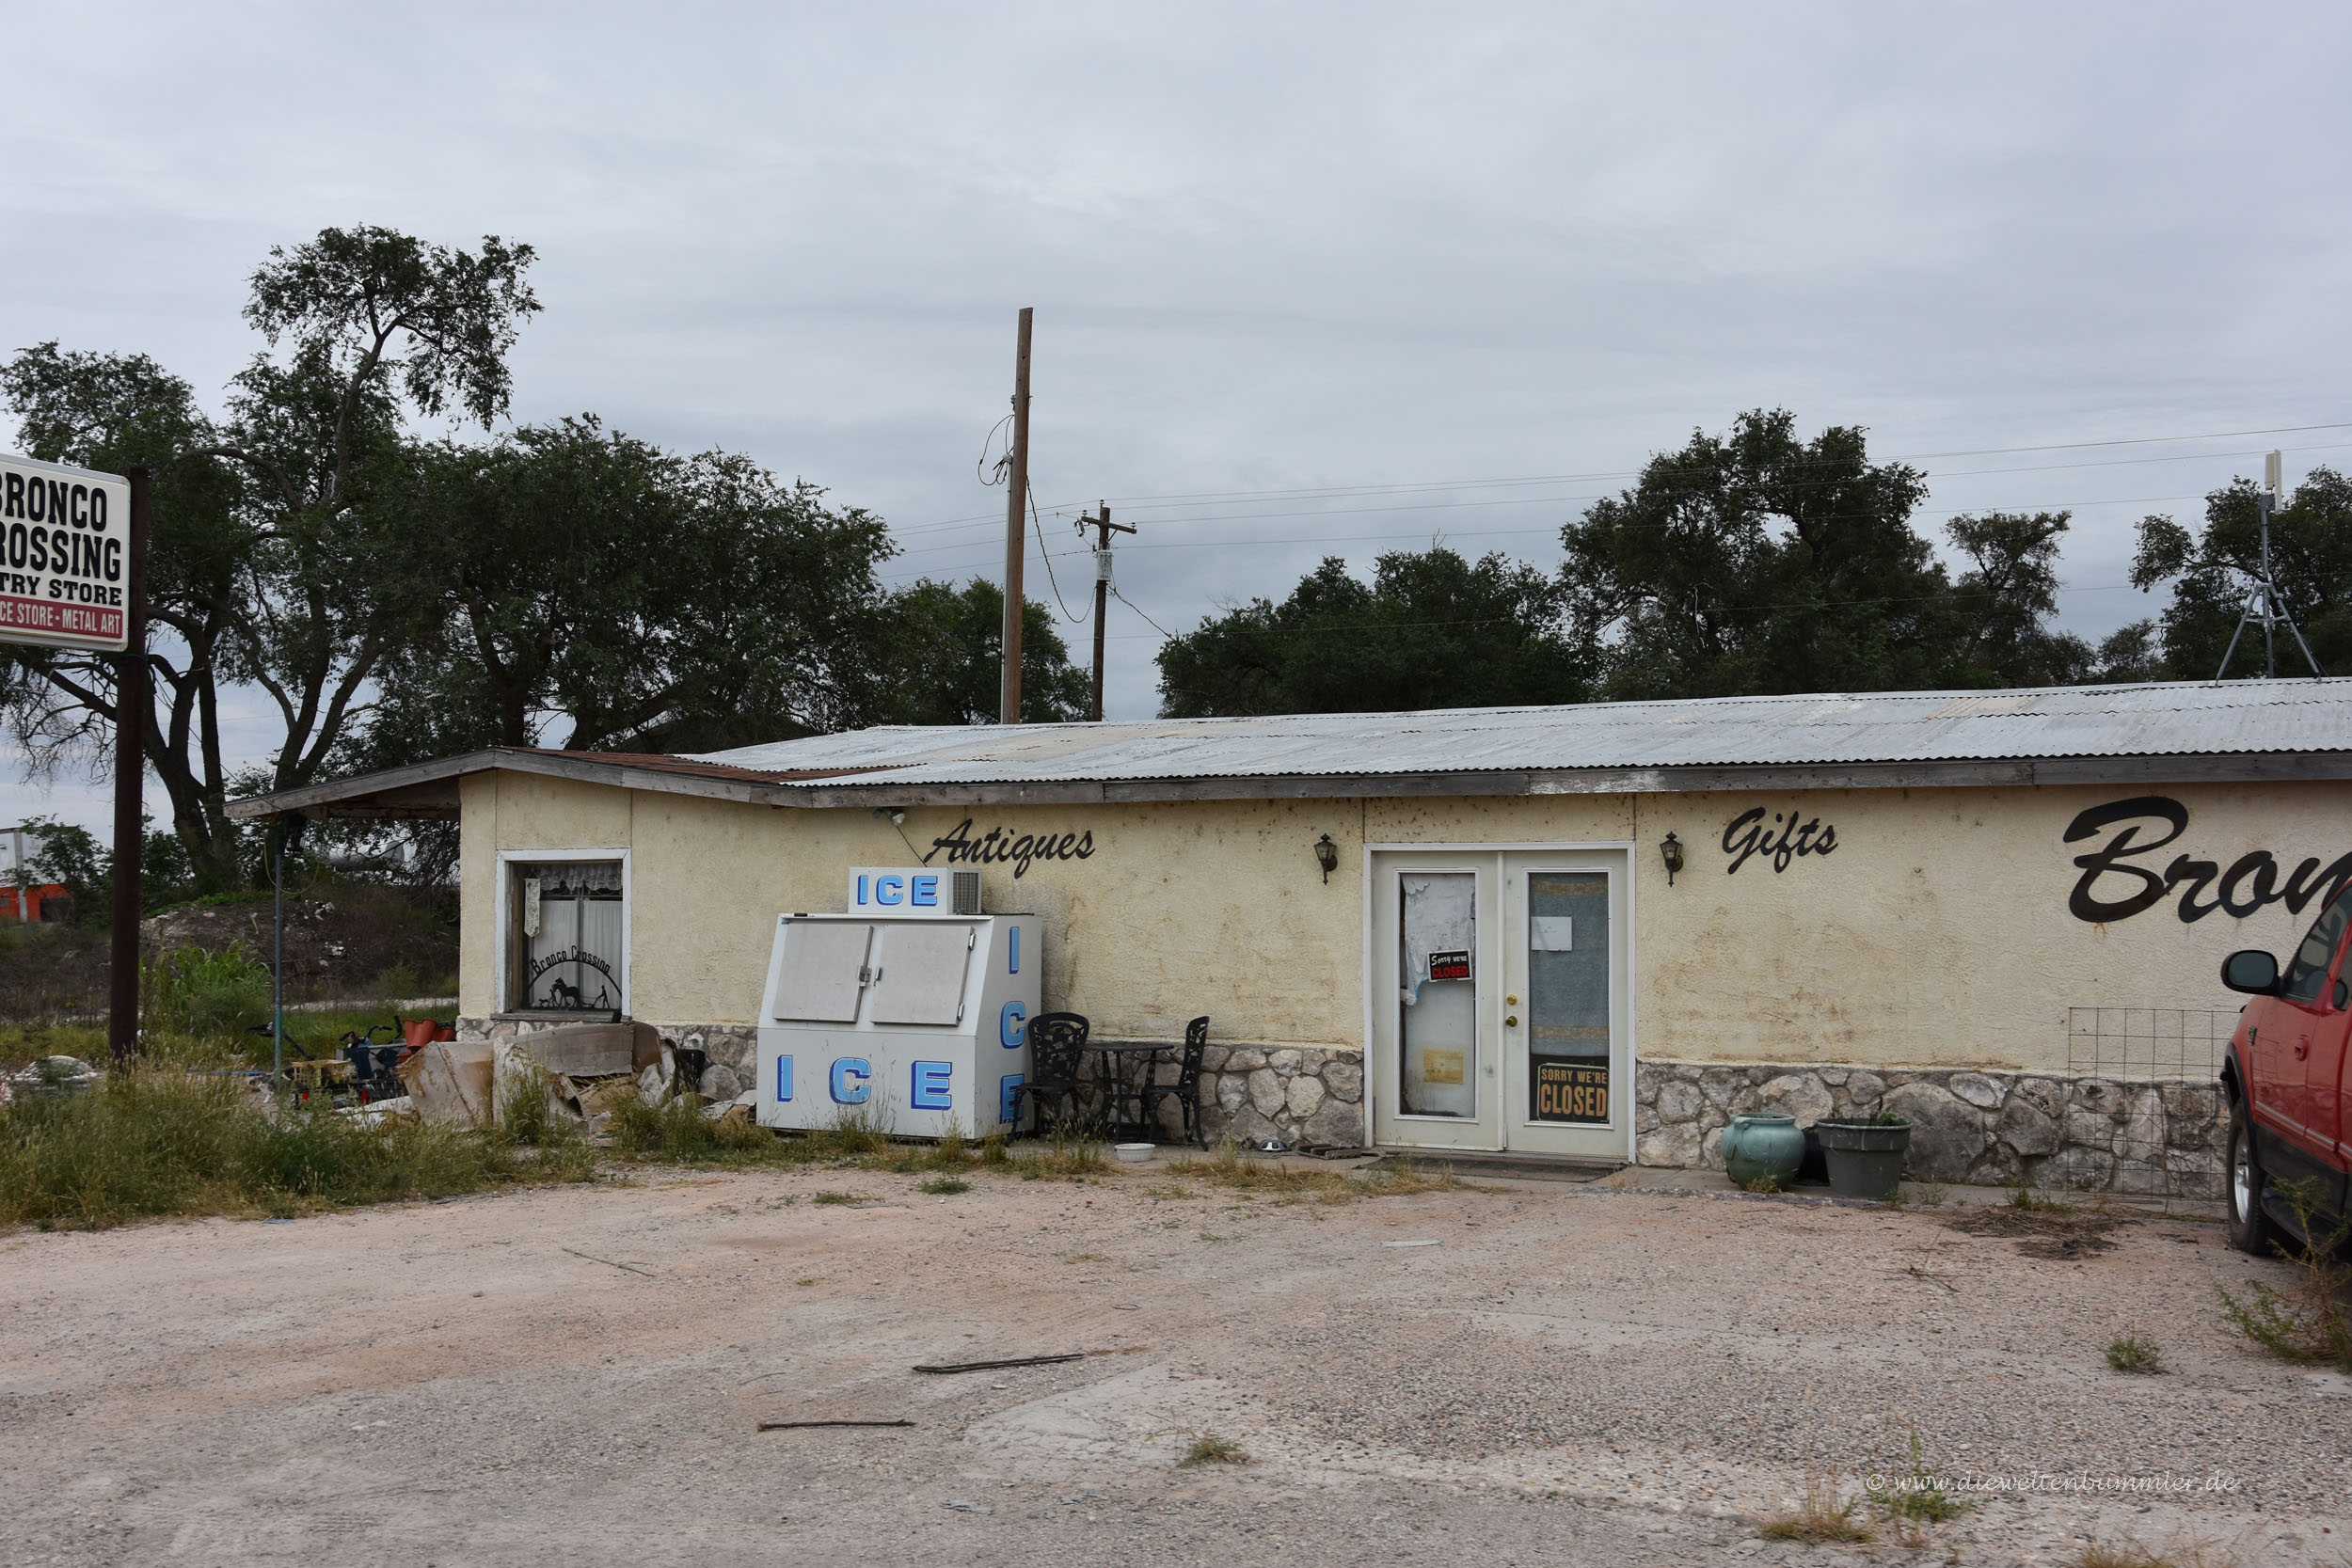 Verlassenes Haus in Texas mit Eismaschine